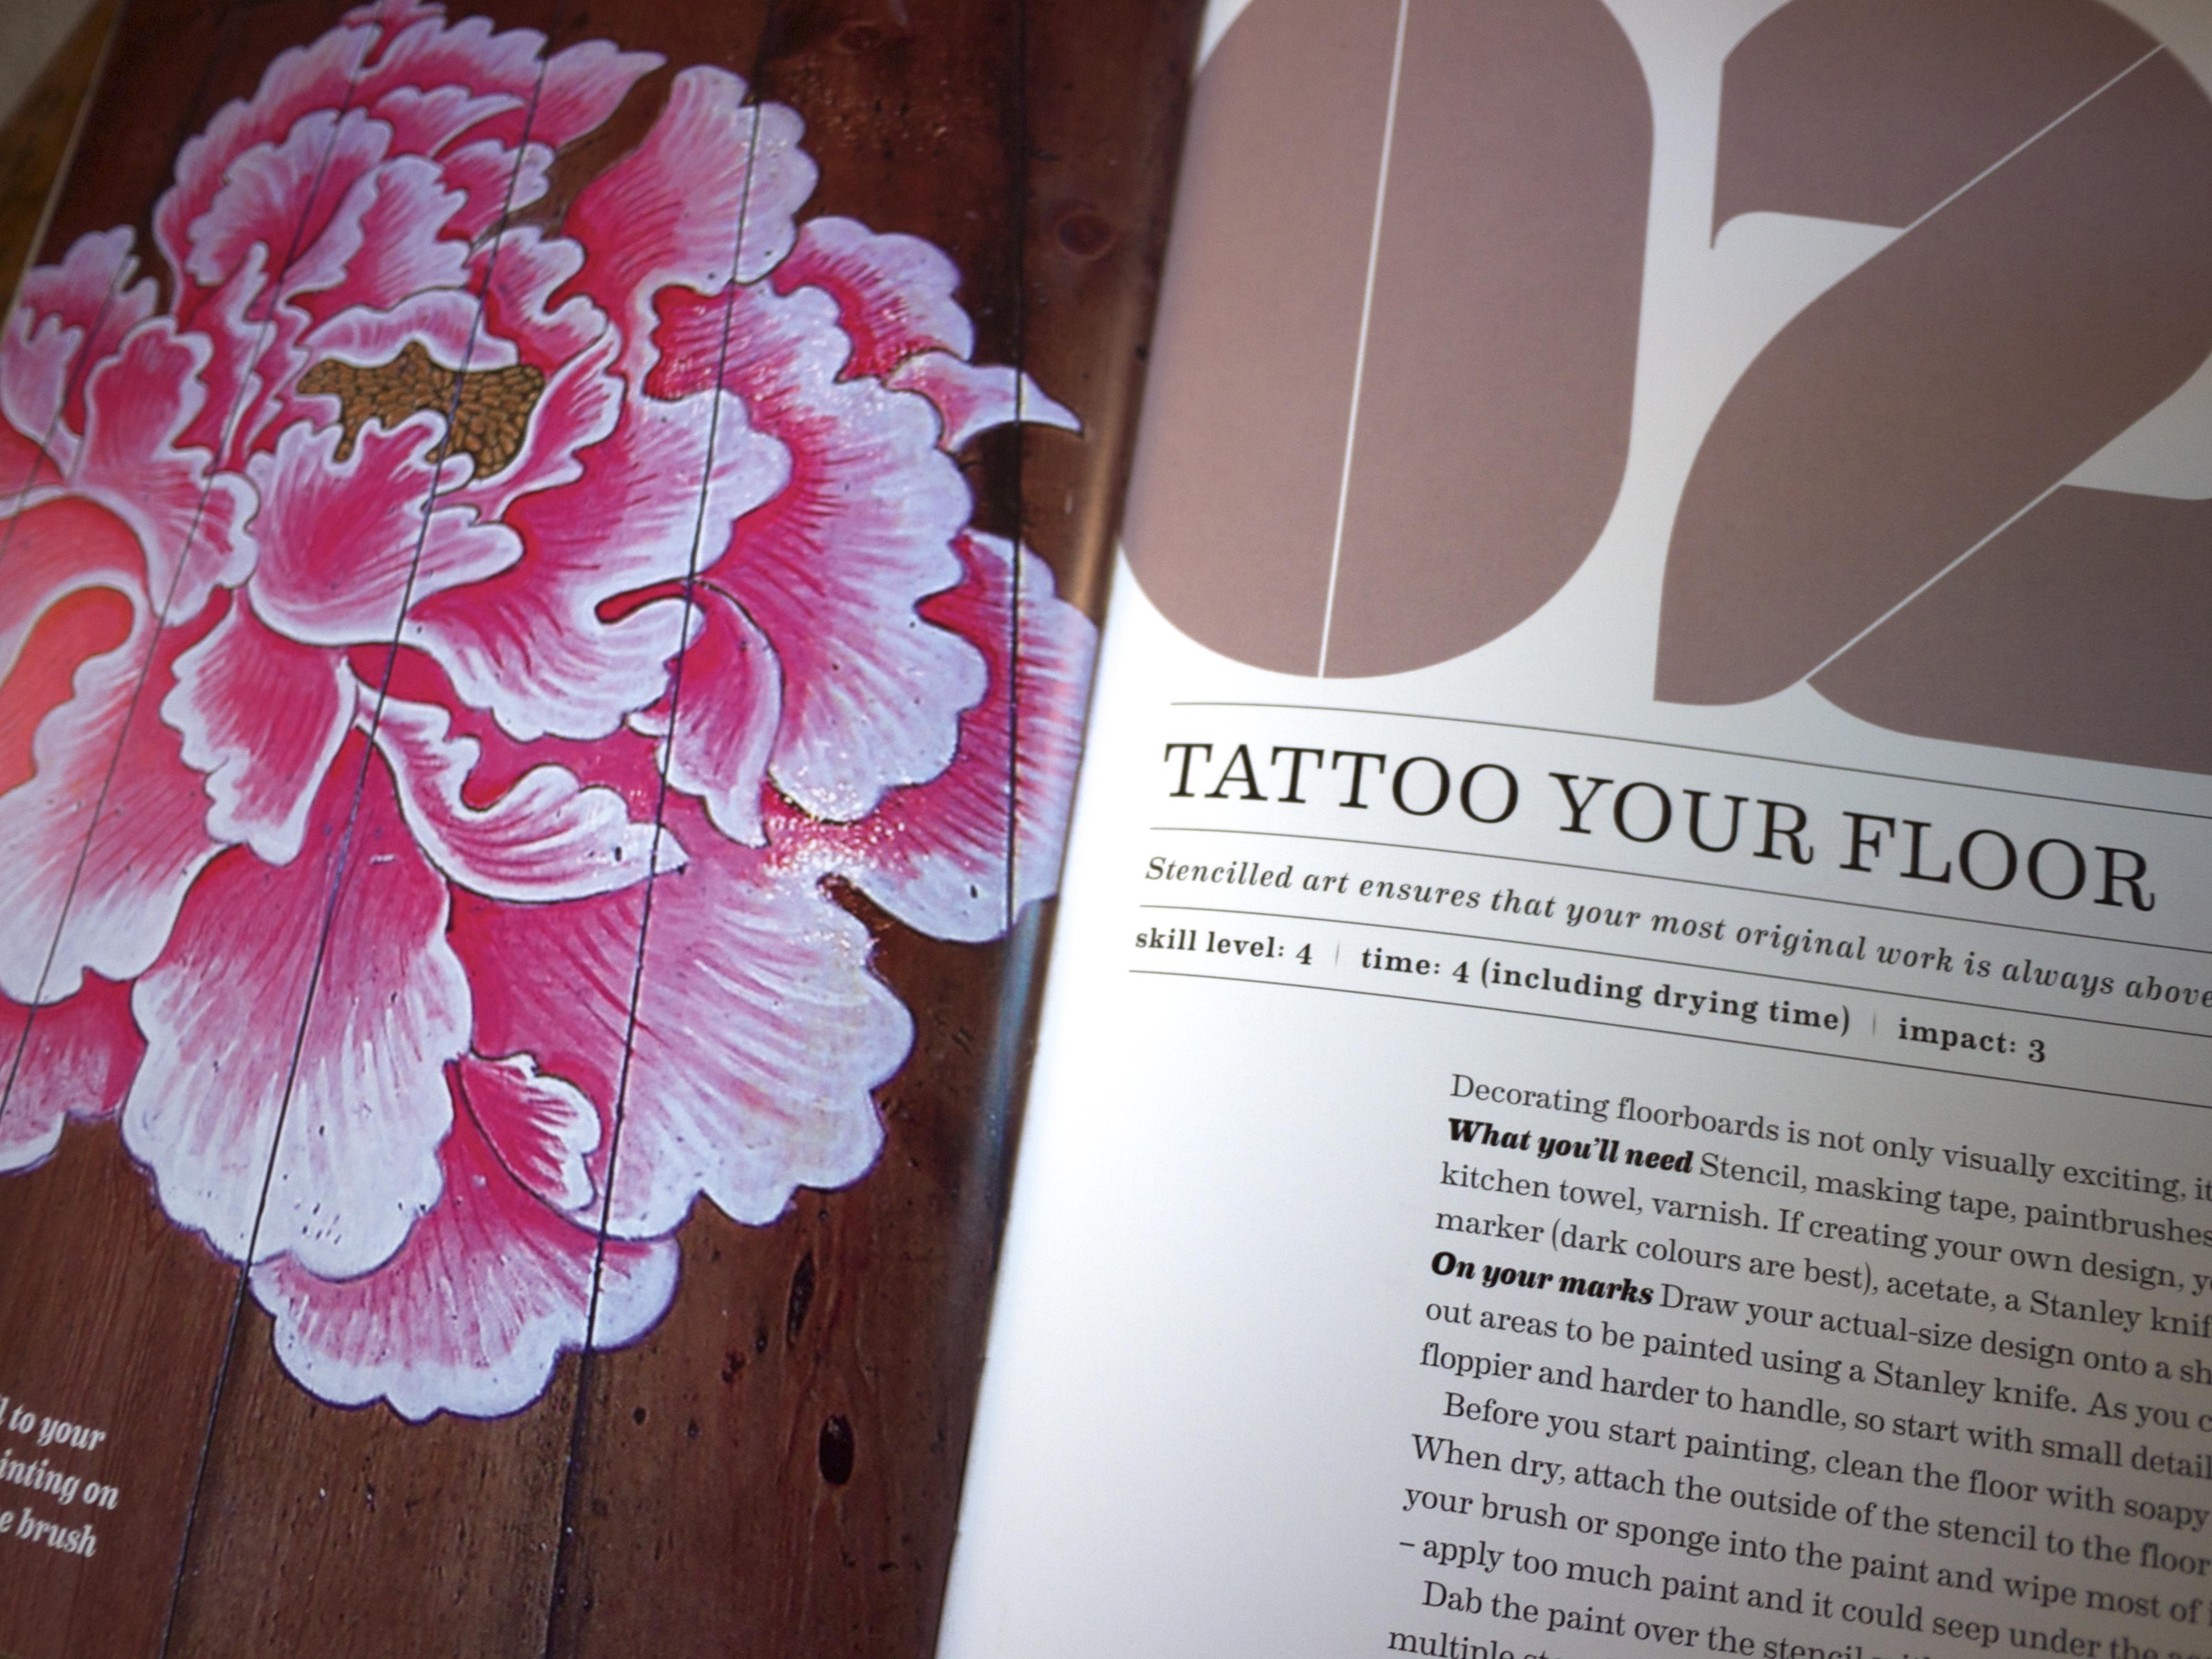 82 Modern Style Ideas - Tattoo Your Floor